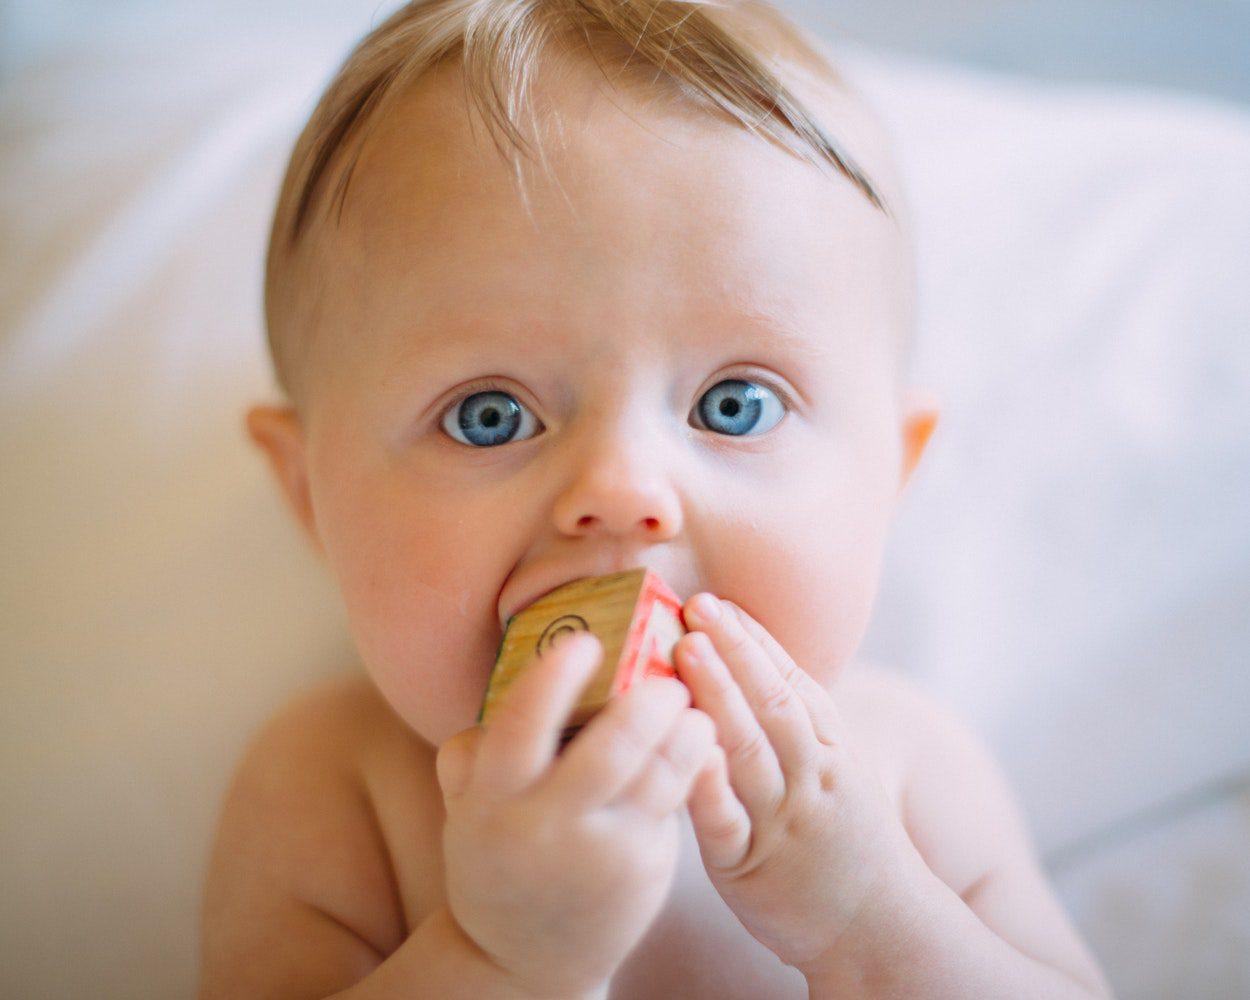 Baby teething wooden teething toy